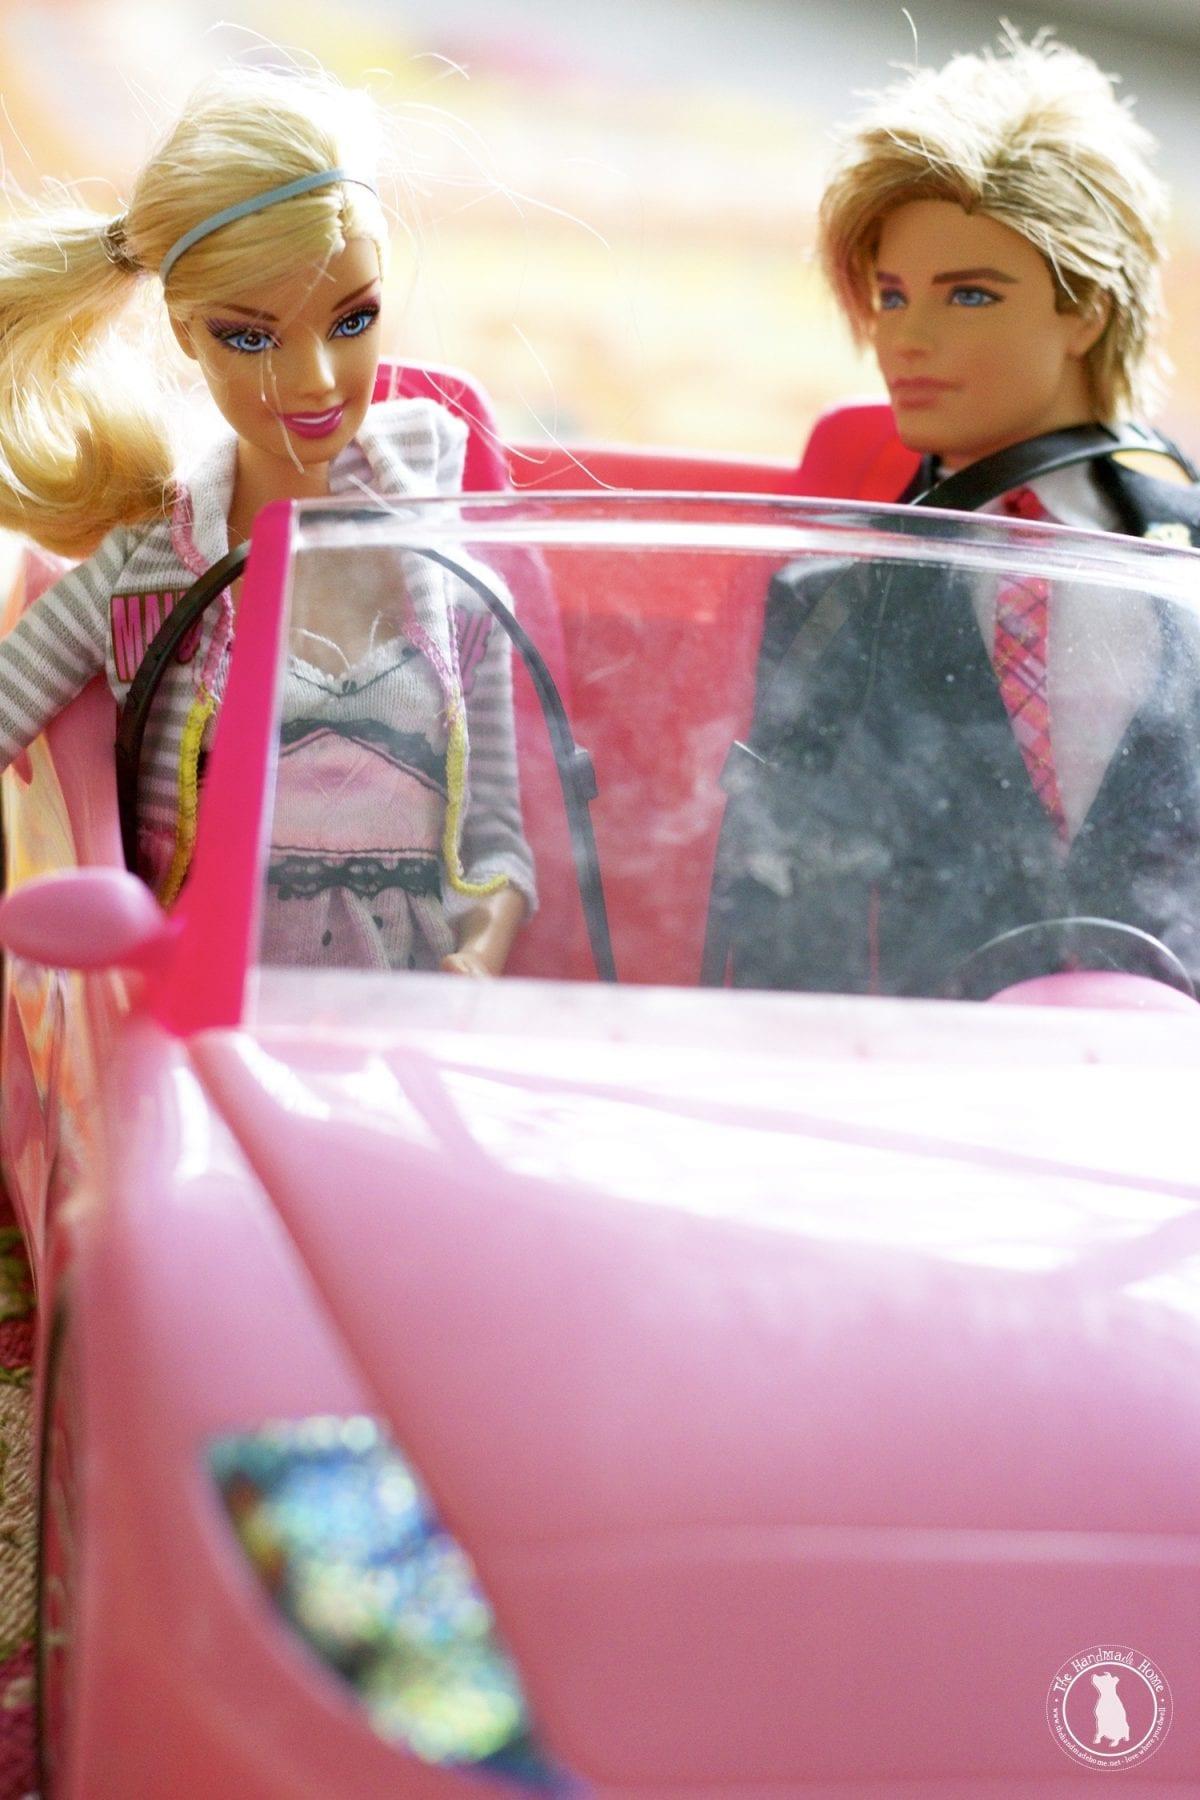 dolls_in_car